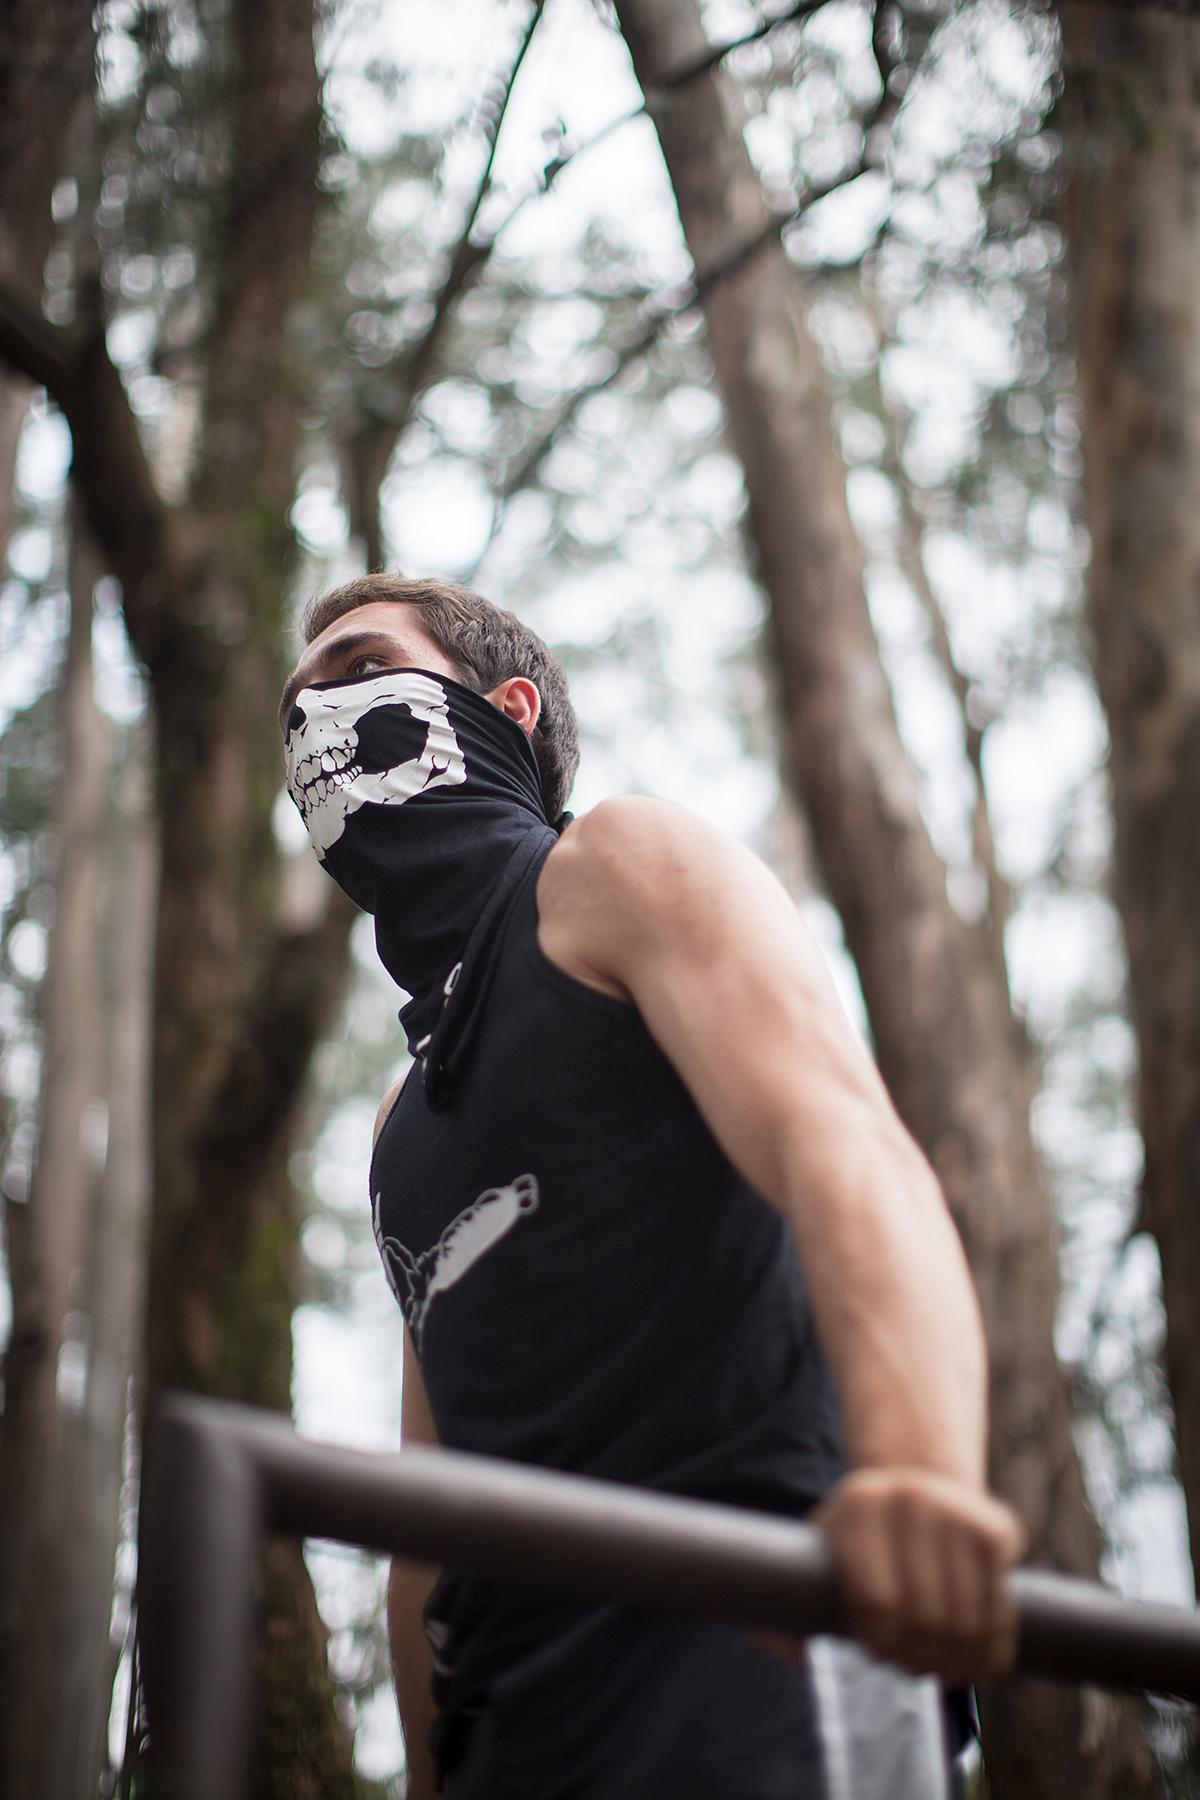 Fotos feitas no Ibirapuera, em São Paulo, com membros do grupo Calistenia Brasil